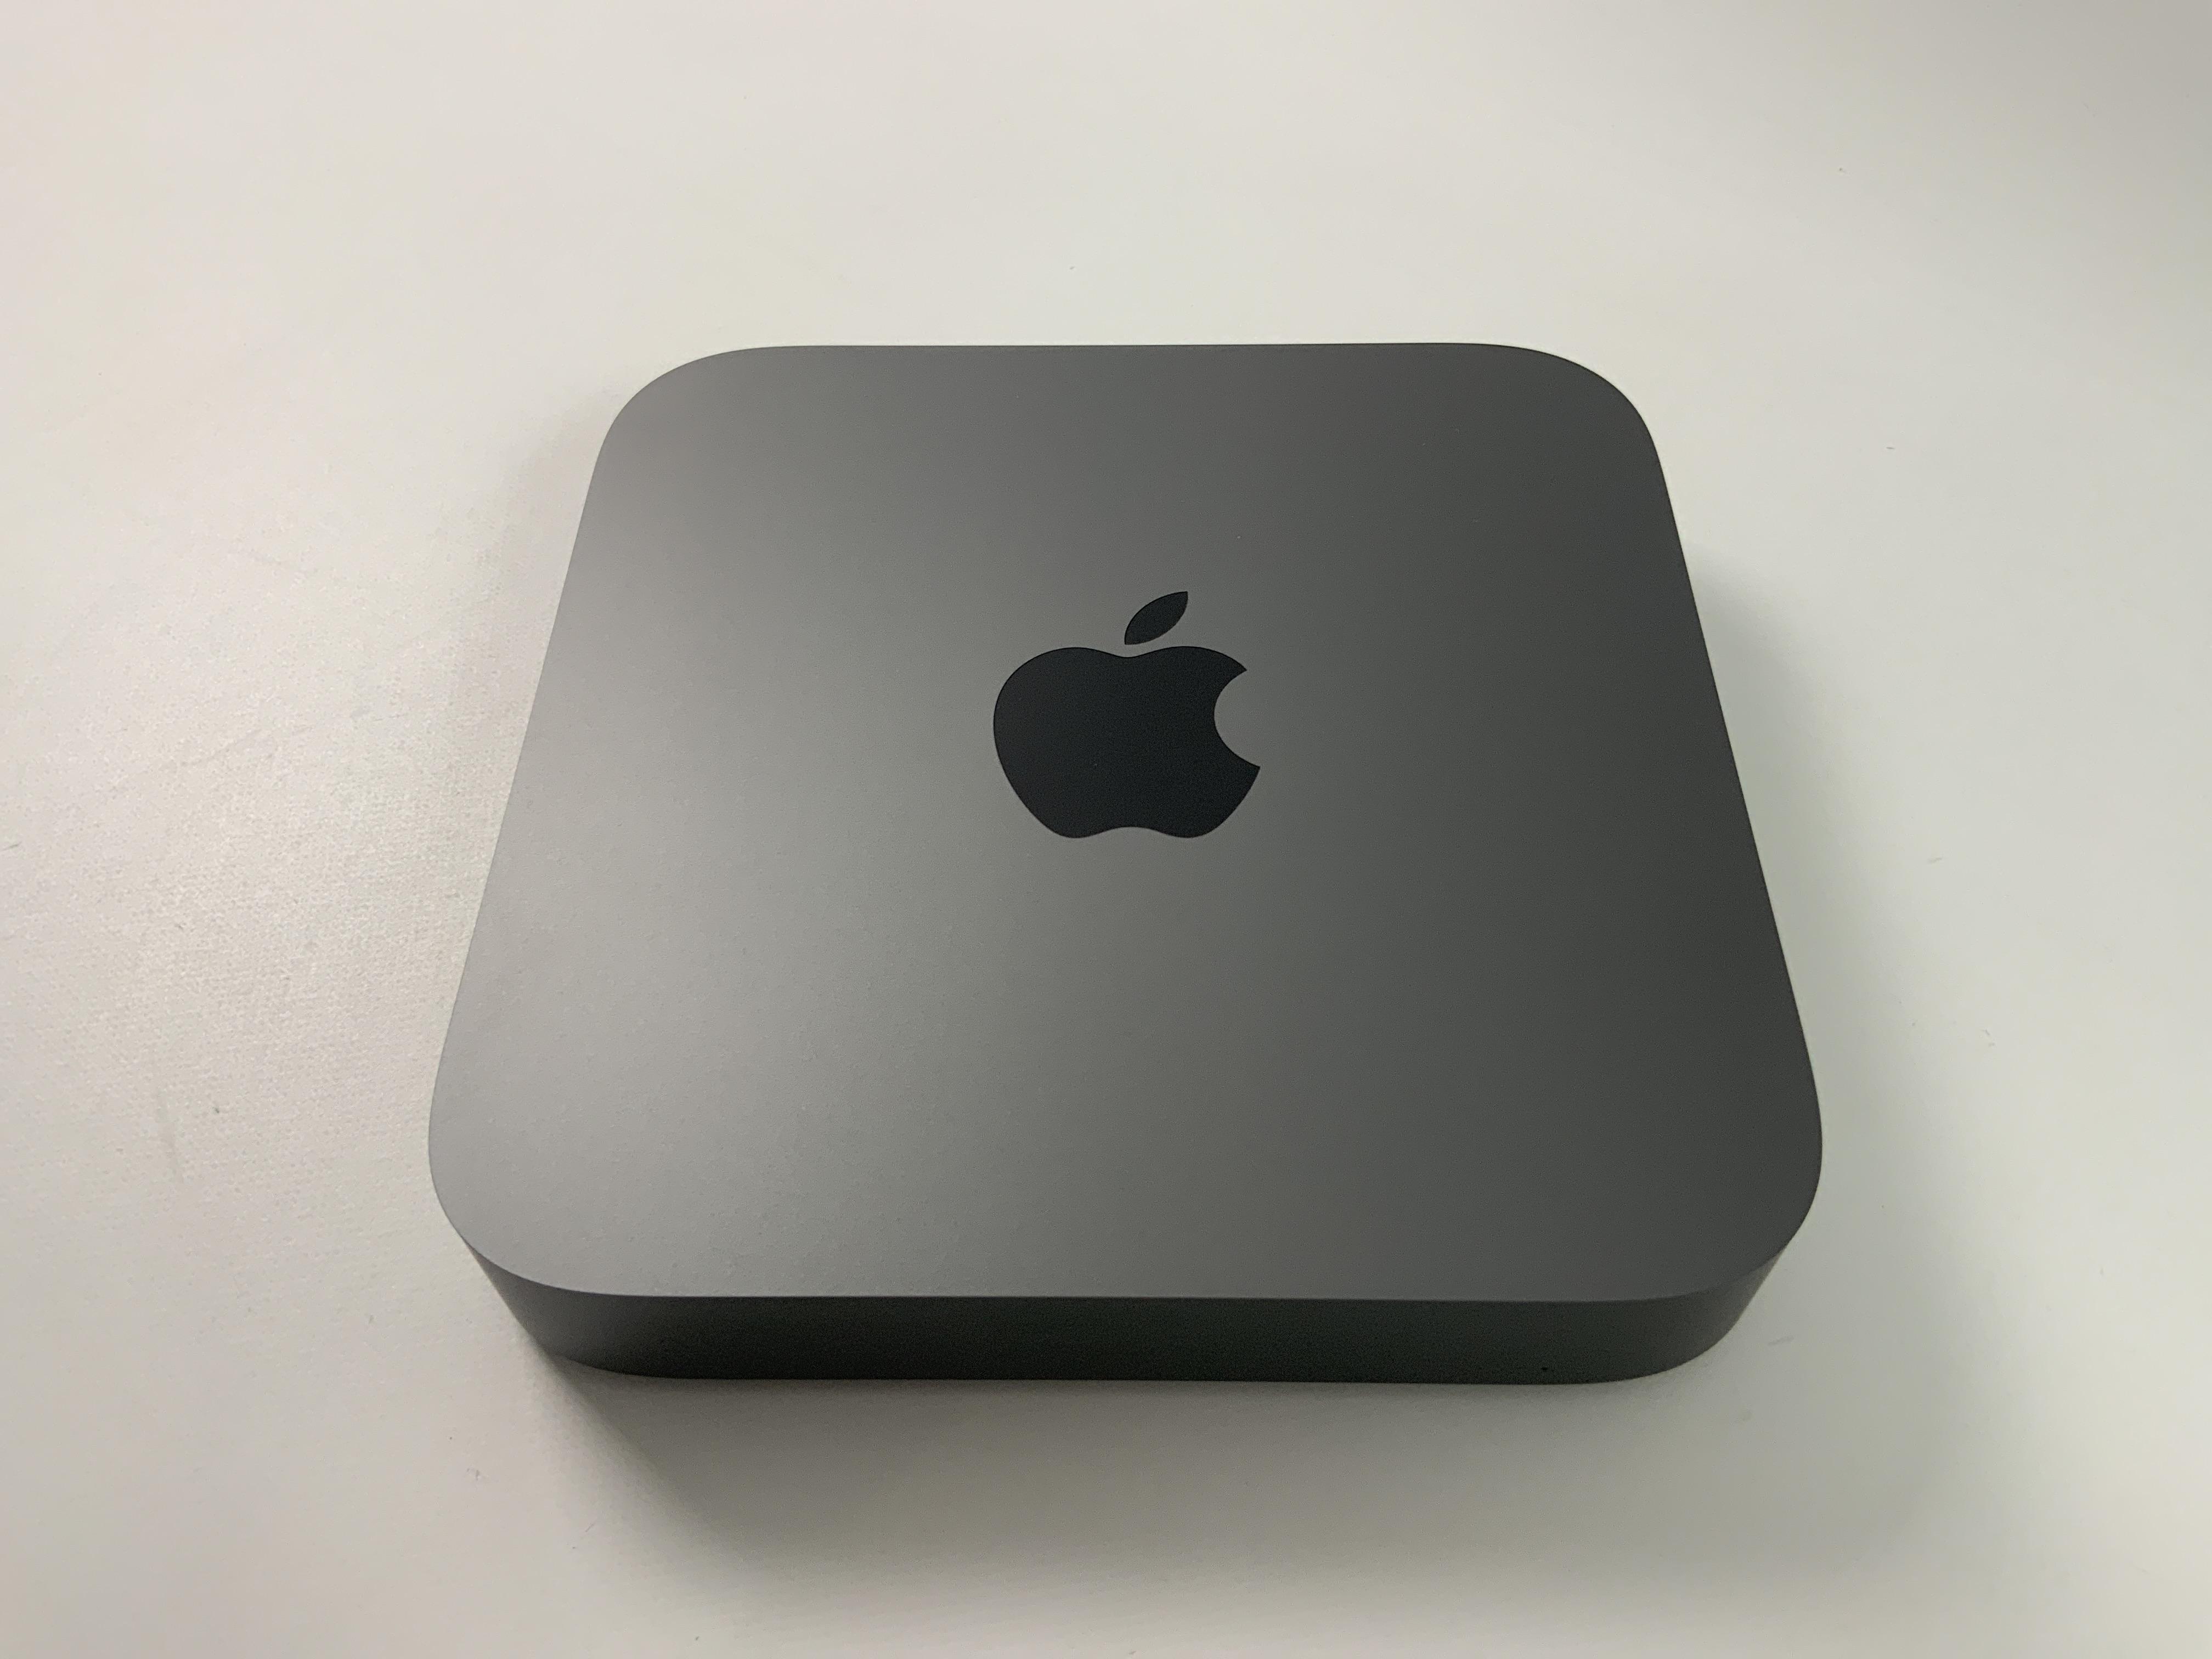 Mac Mini Early 2020 (Intel 6-Core i5 3.0 GHz 32 GB RAM 512 GB SSD), Intel 6-Core i5 3.0 GHz, 32 GB RAM, 512 GB SSD, Afbeelding 1